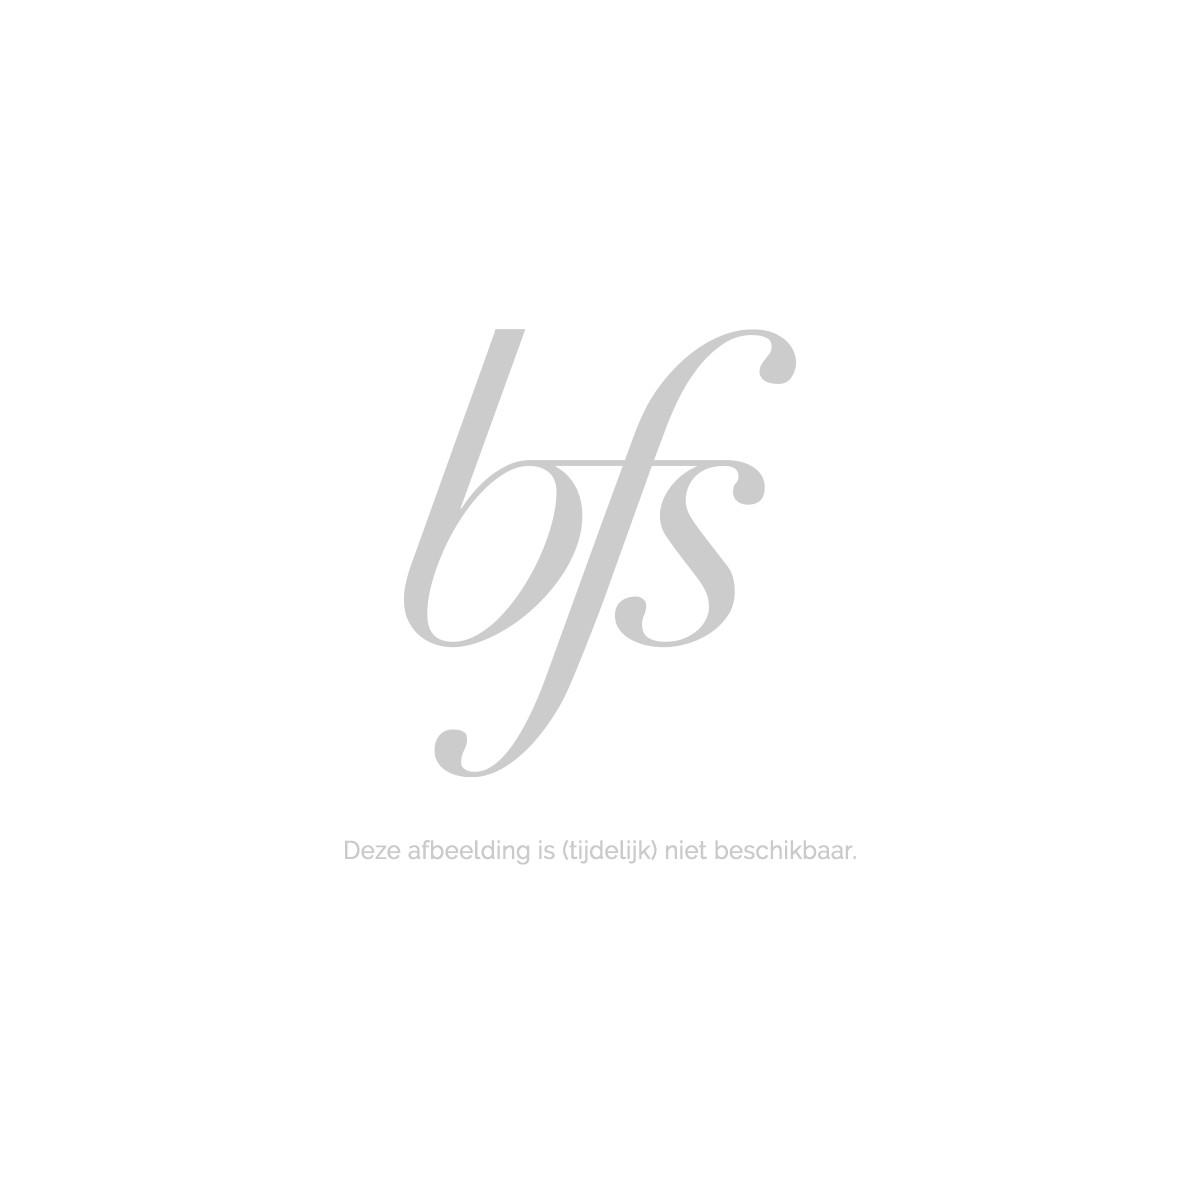 Babyliss Straightener Sleek Expert 38 X 120Mm Zilvergrijs